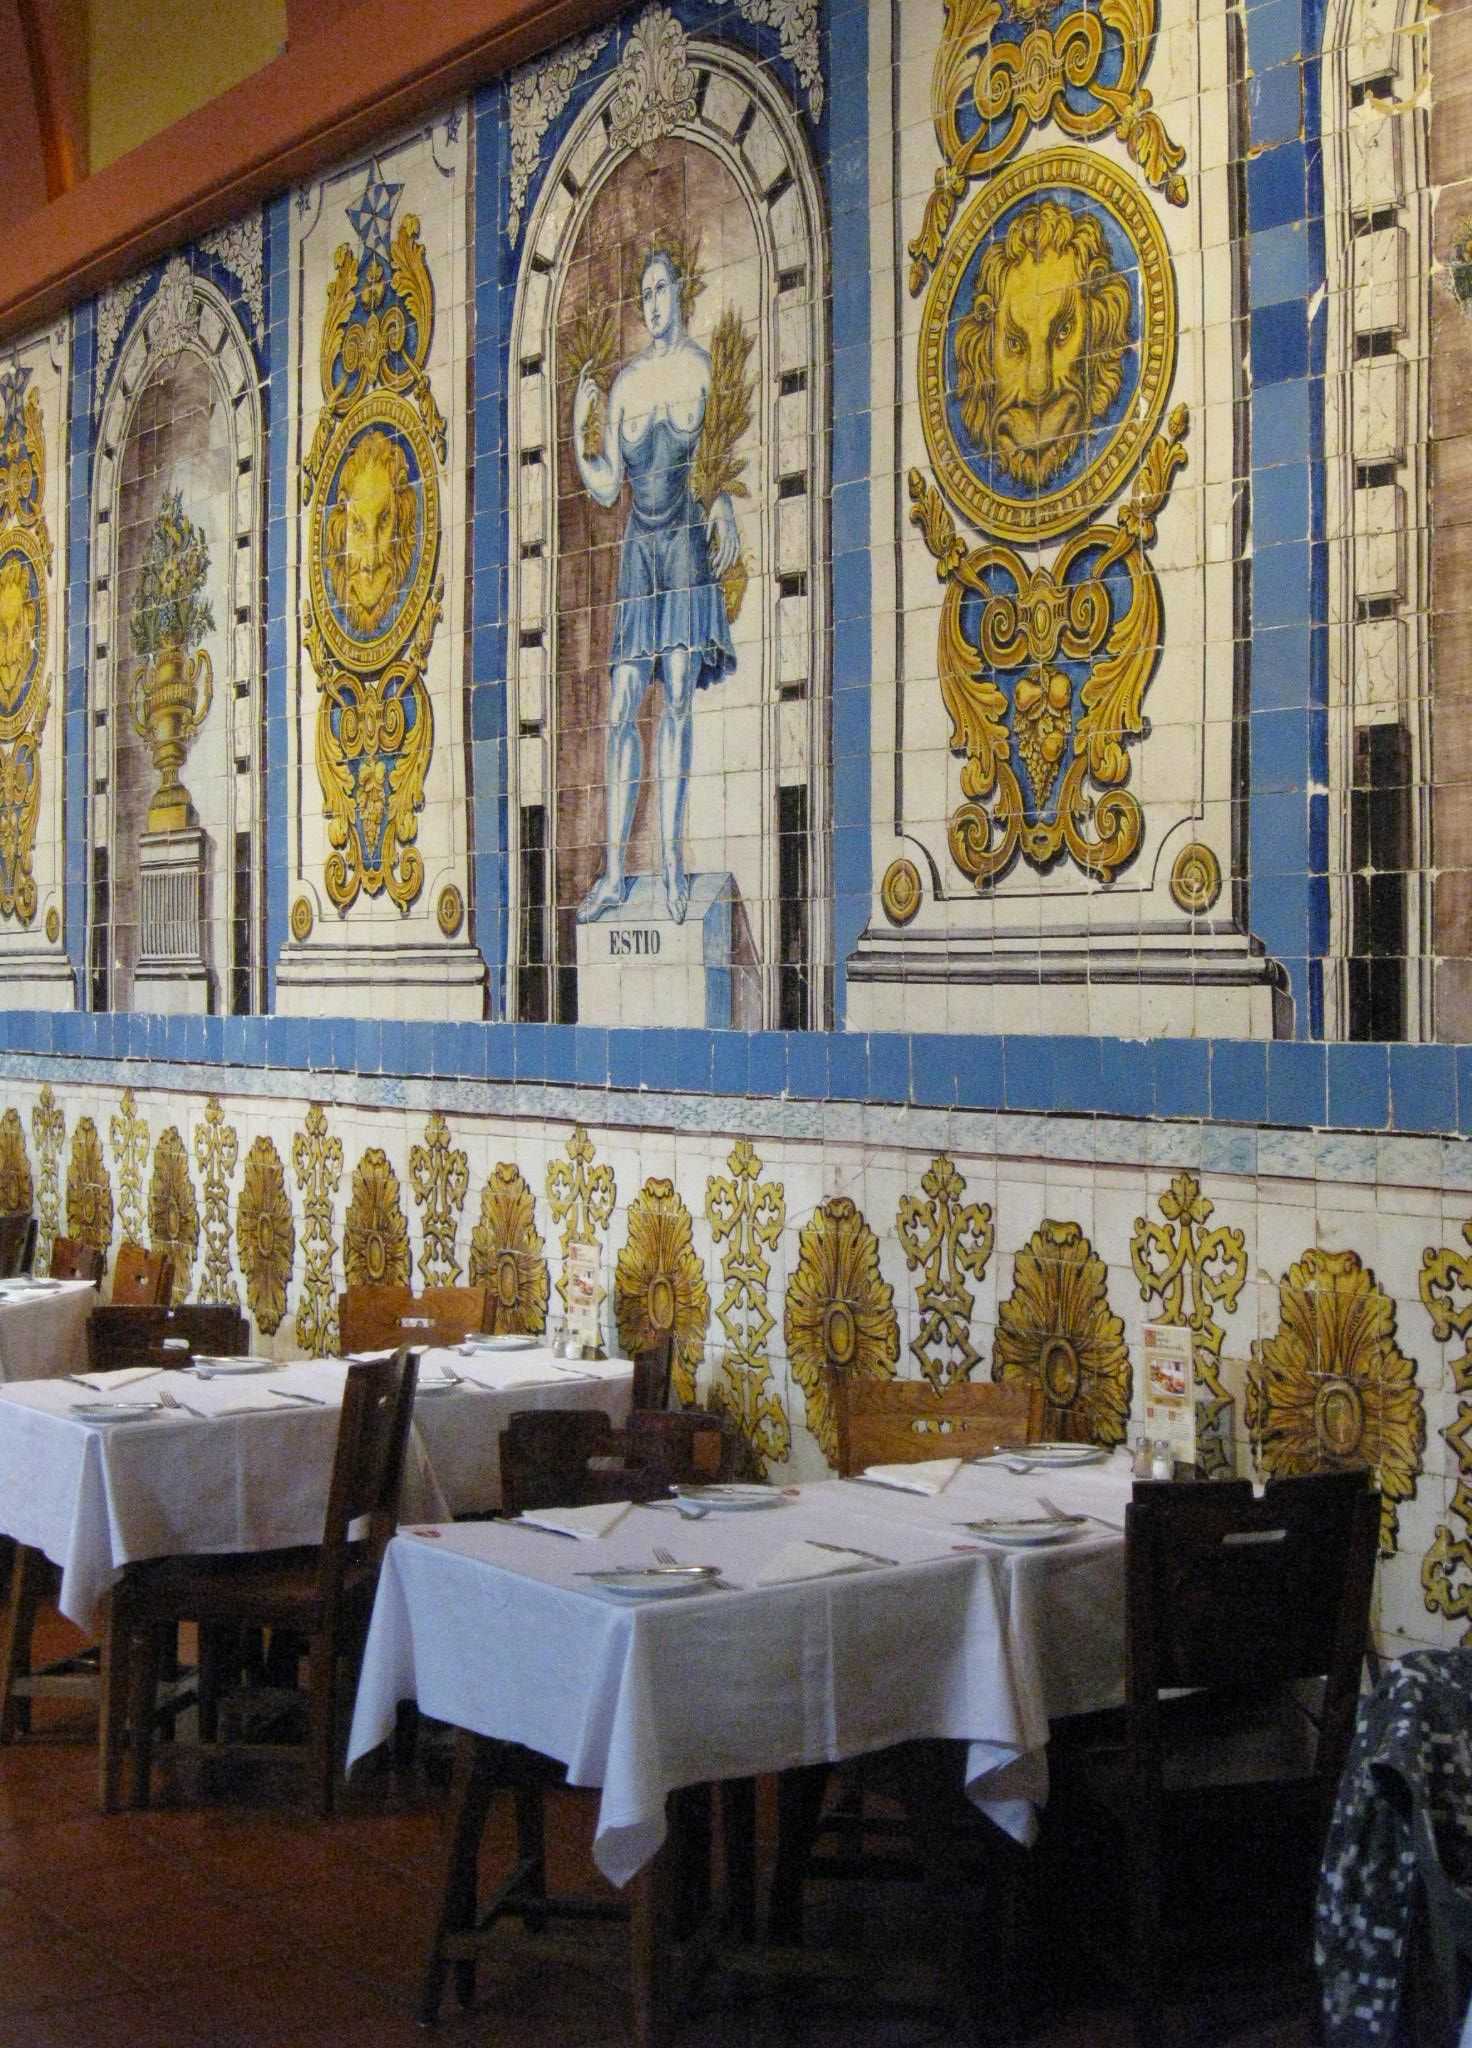 Cervejaria de trindade lisbon portugal encontra se um dos for Restaurante azulejos